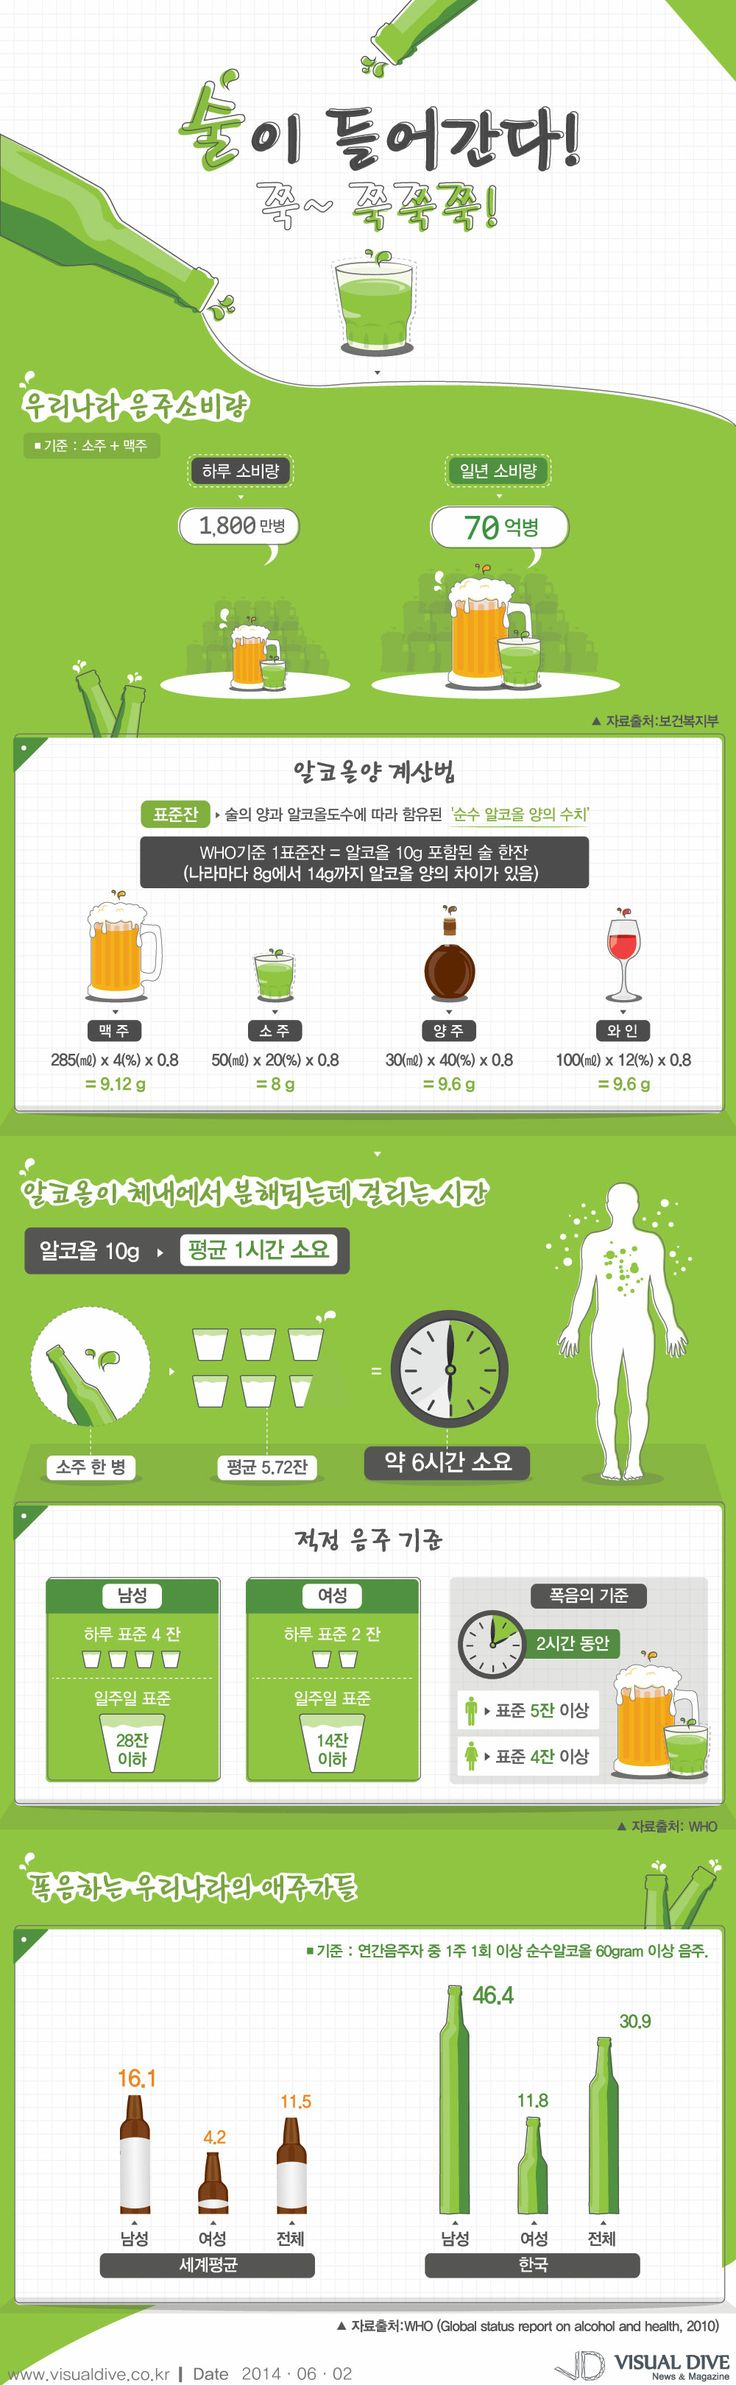 술 좋아하는 대한민국, 음주 적정 기준은 하루 4잔 [인포그래픽] #tag / #Infographic ⓒ 비주얼다이브 무단 복사·전재·재배포 금지